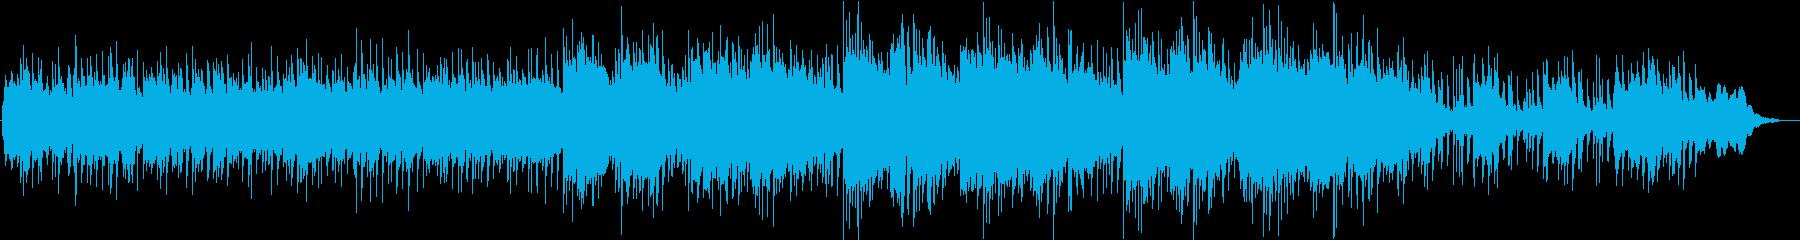 自己啓発系向けほのぼのBGM【短縮版】の再生済みの波形